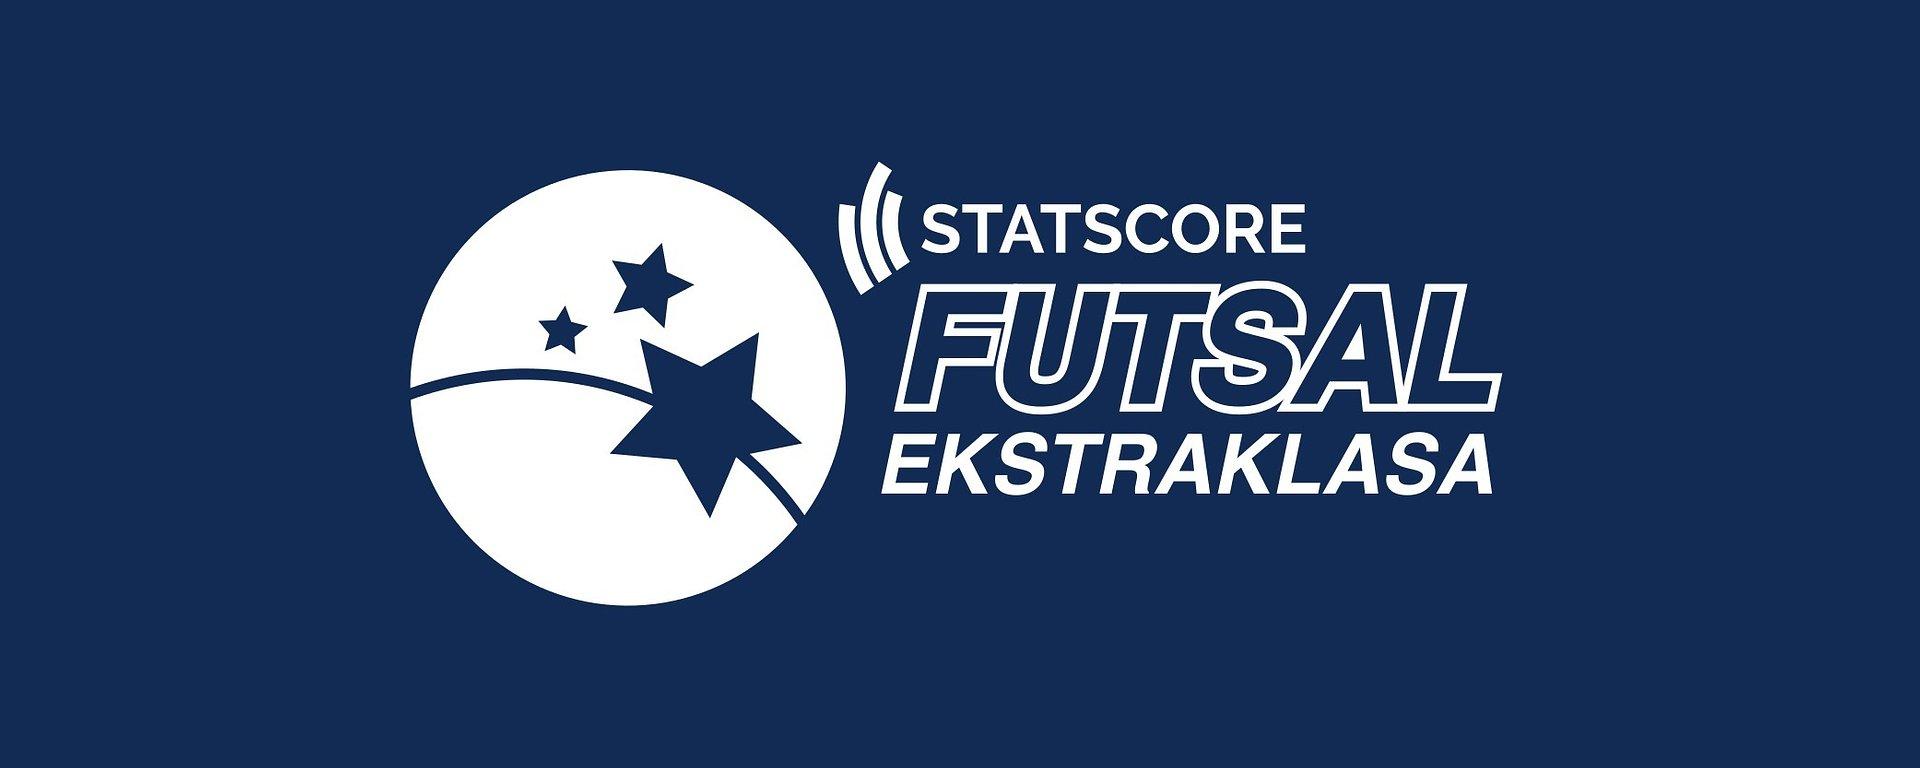 Decathlon partnerem sportowym STATSCORE Futsal Ekstraklasy